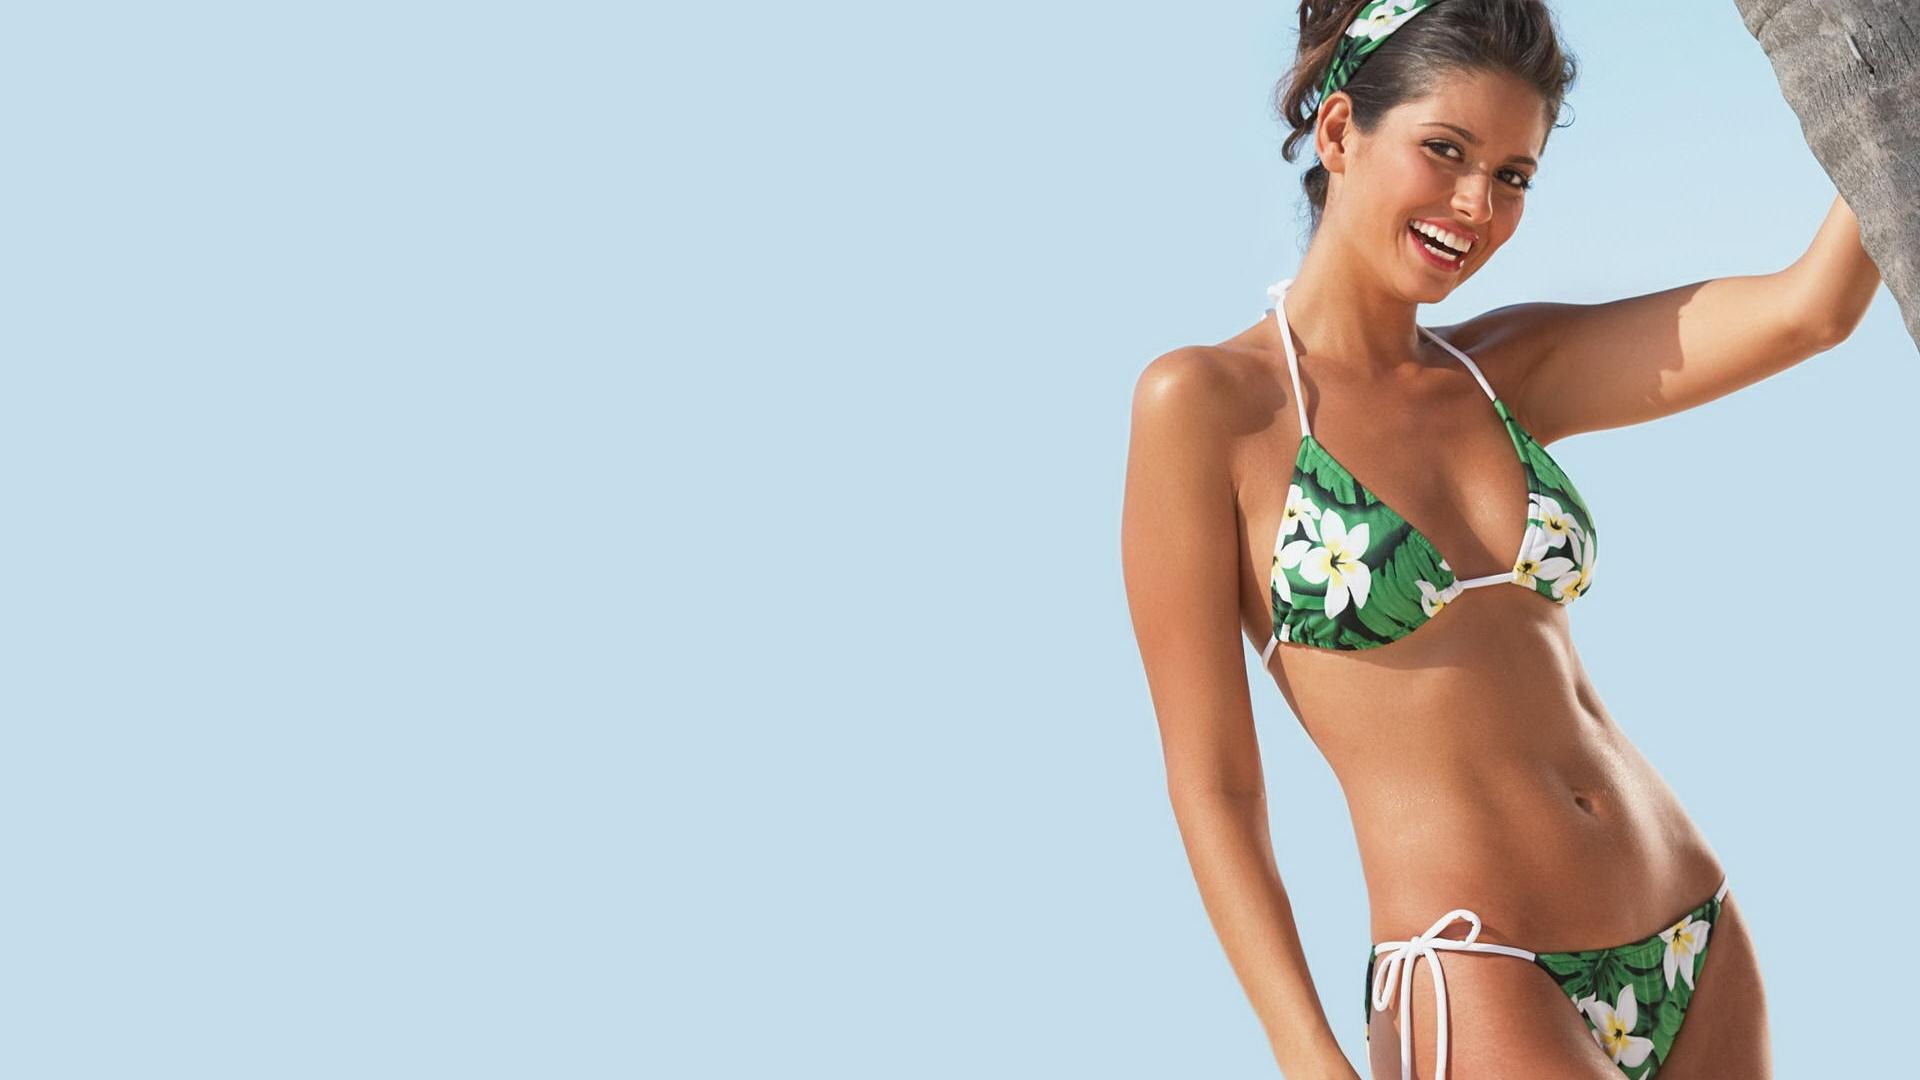 Bikini Woman Desktop Wallpaper 63459 1920x1080px 1920x1080